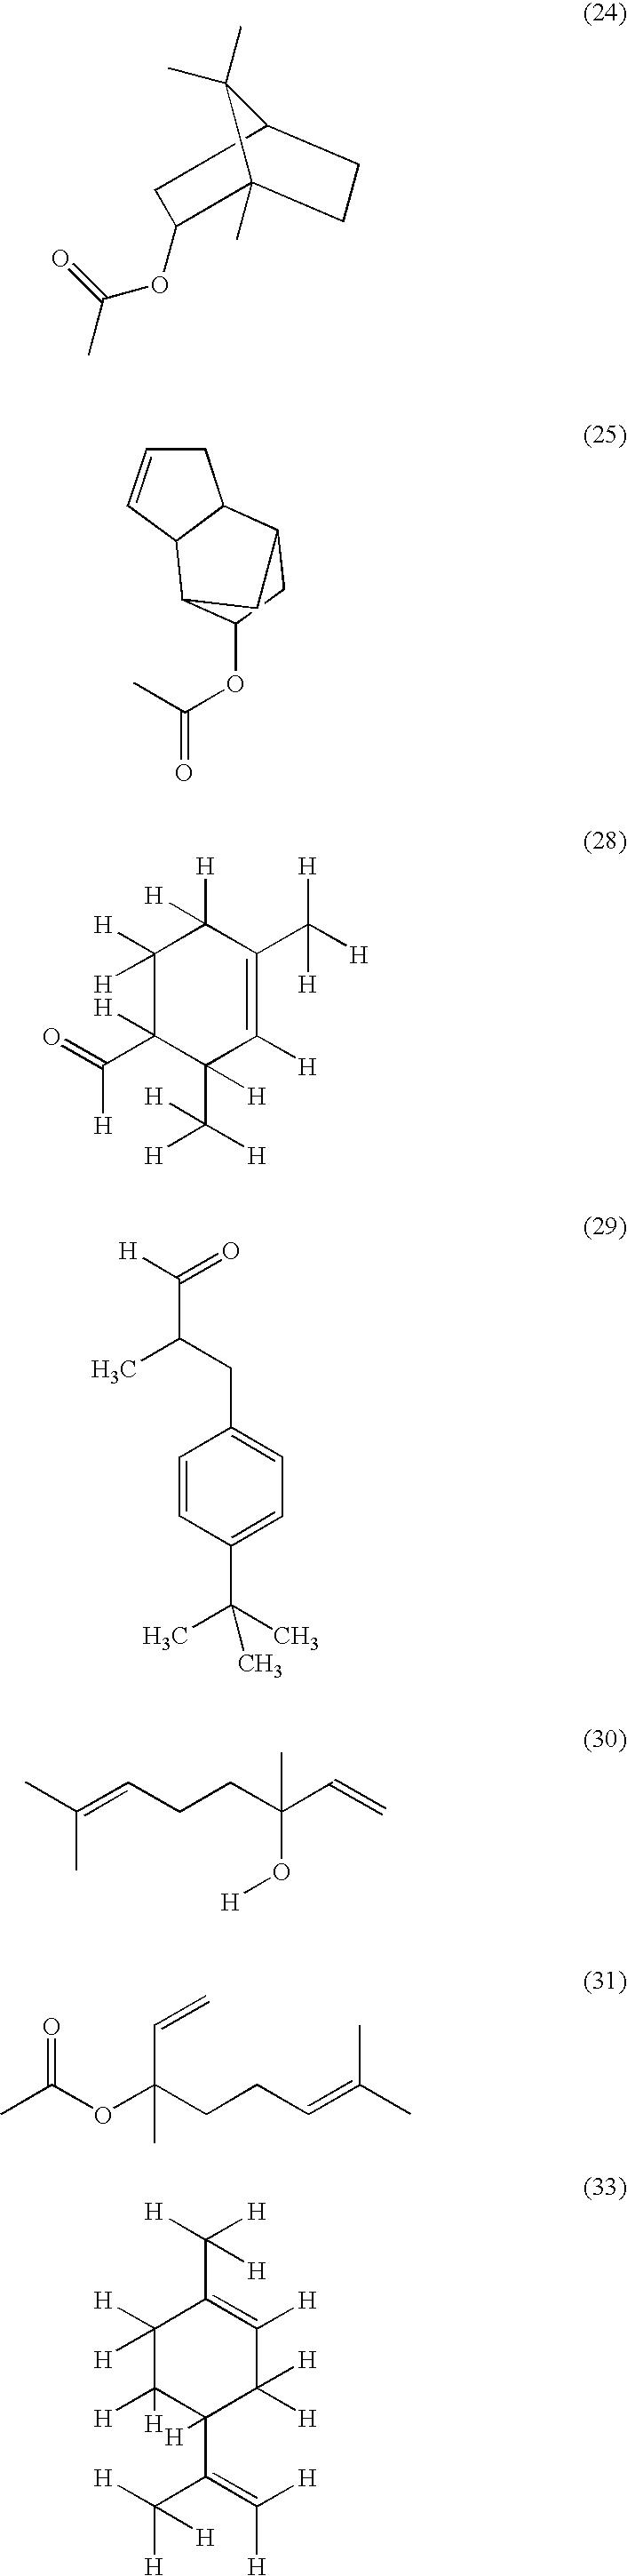 Figure US07416766-20080826-C00004